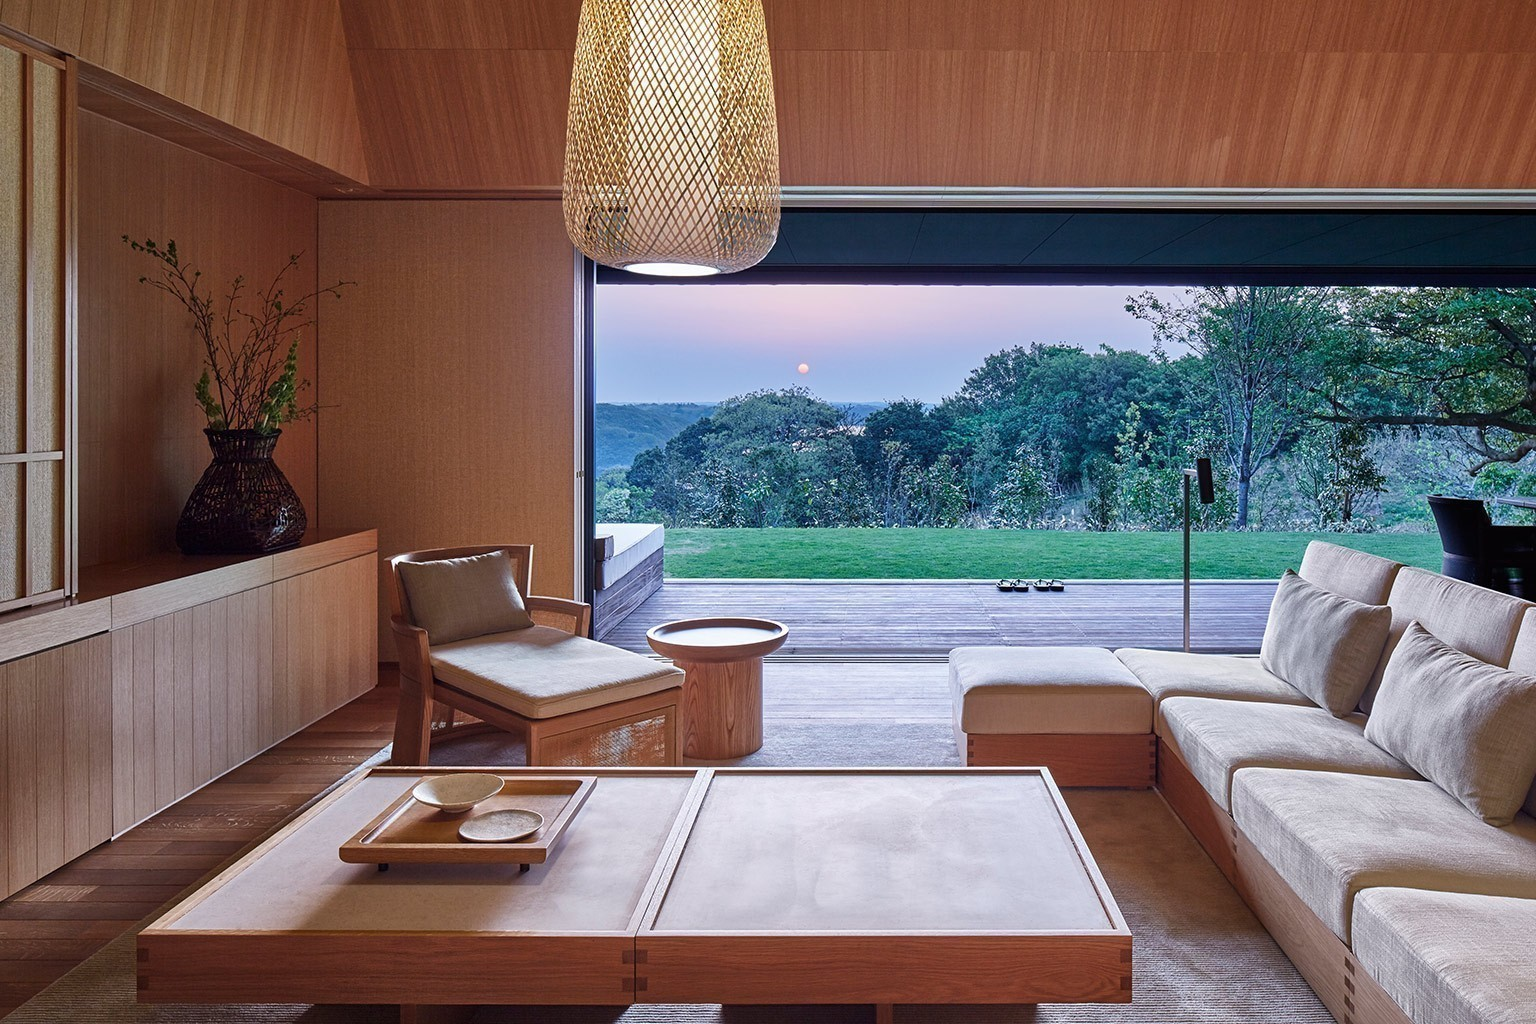 Groß Einrichtungsideen Im Japanischen Stil Zen Ambiente Ideen ...